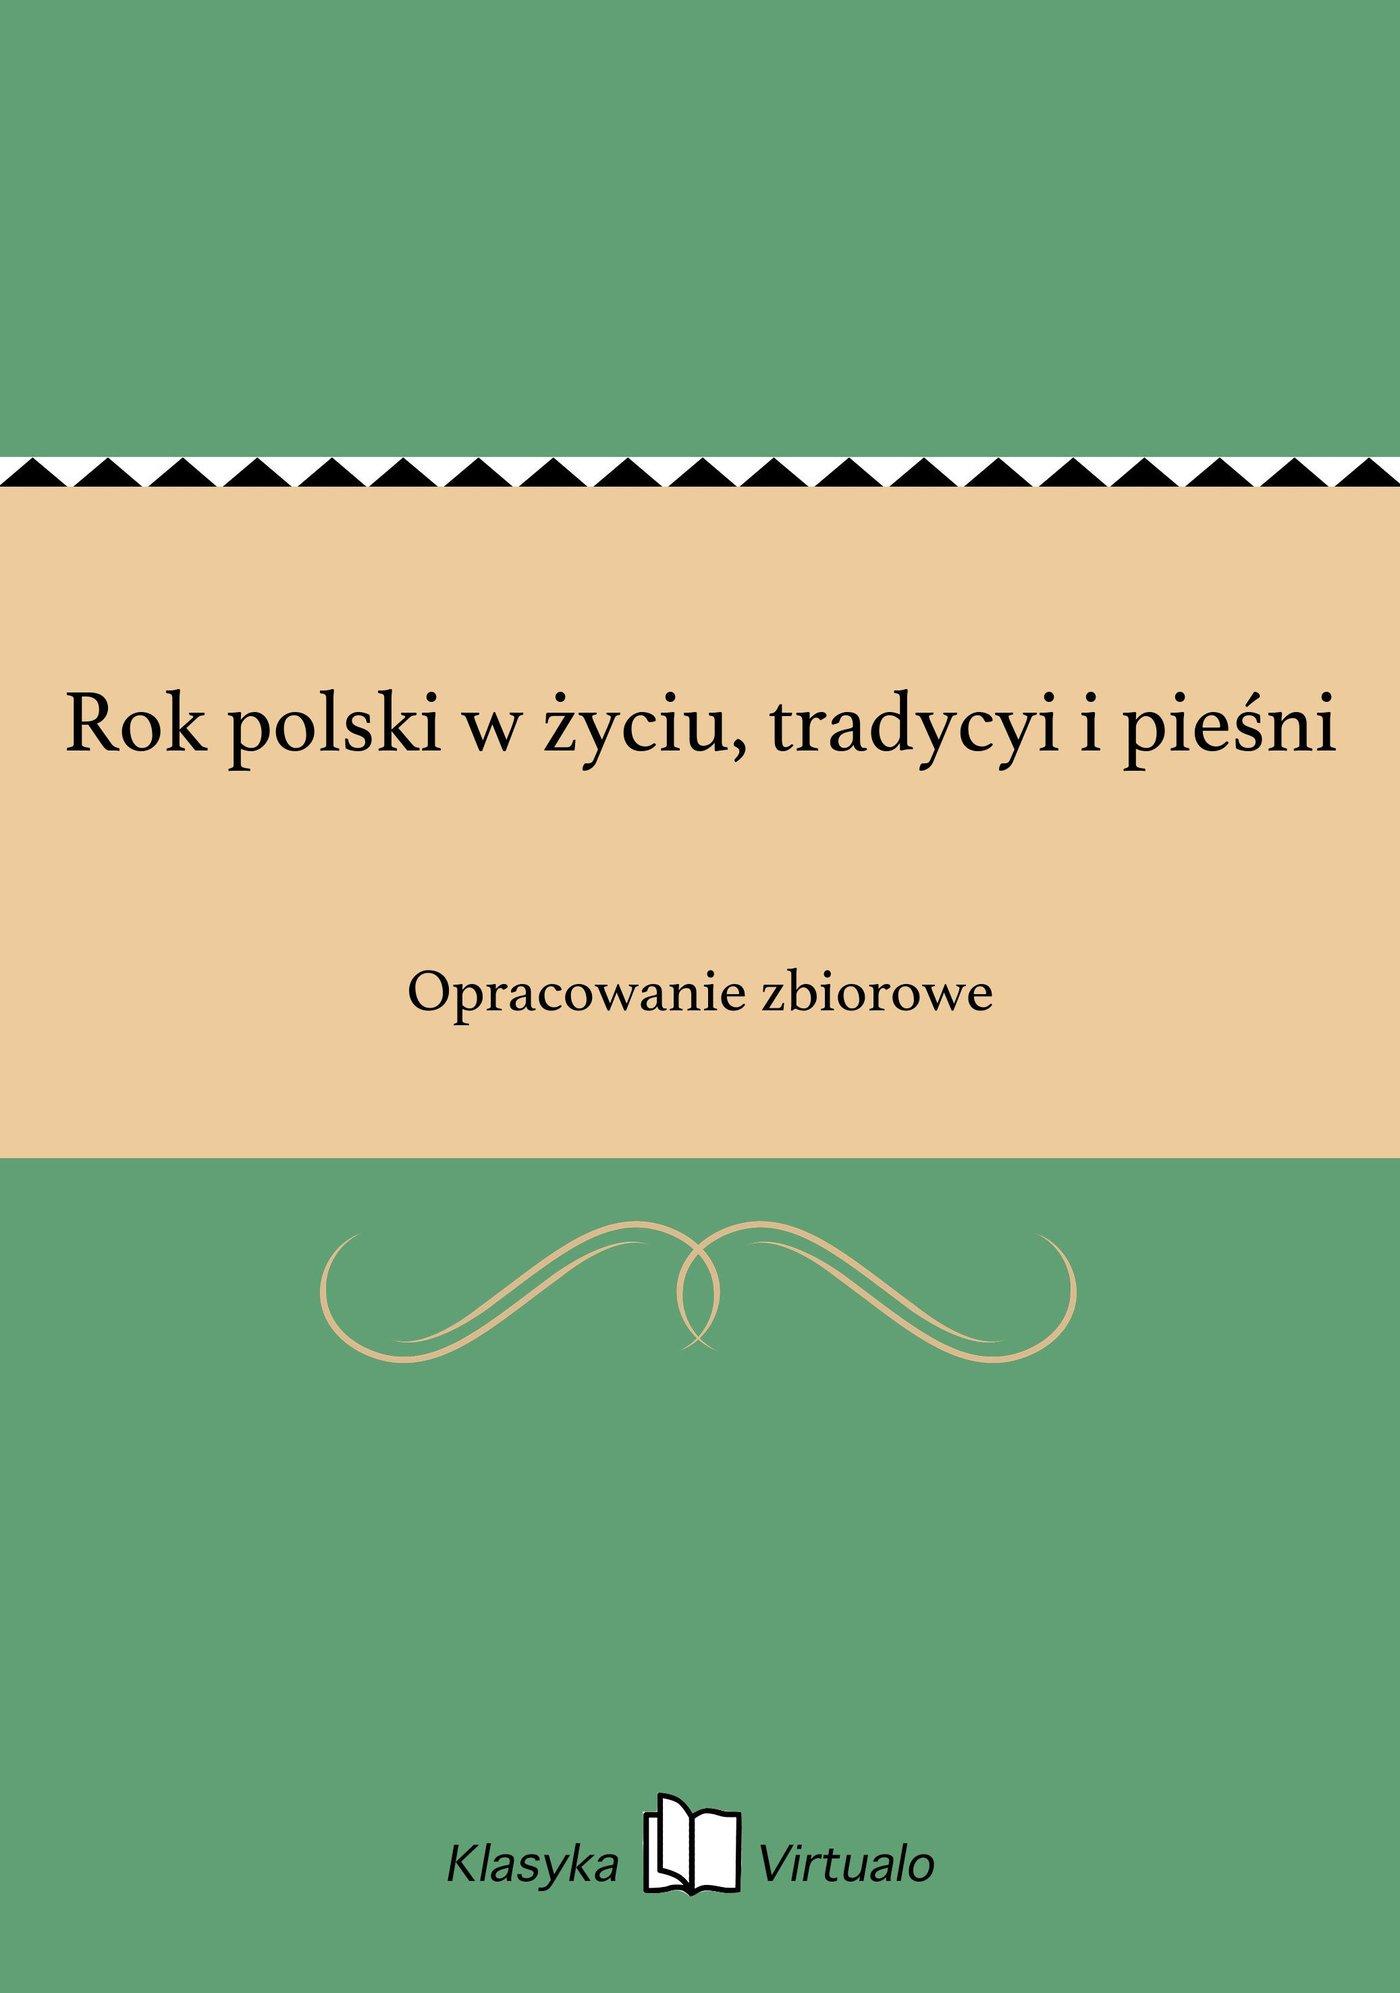 Rok polski w życiu, tradycyi i pieśni - Ebook (Książka EPUB) do pobrania w formacie EPUB